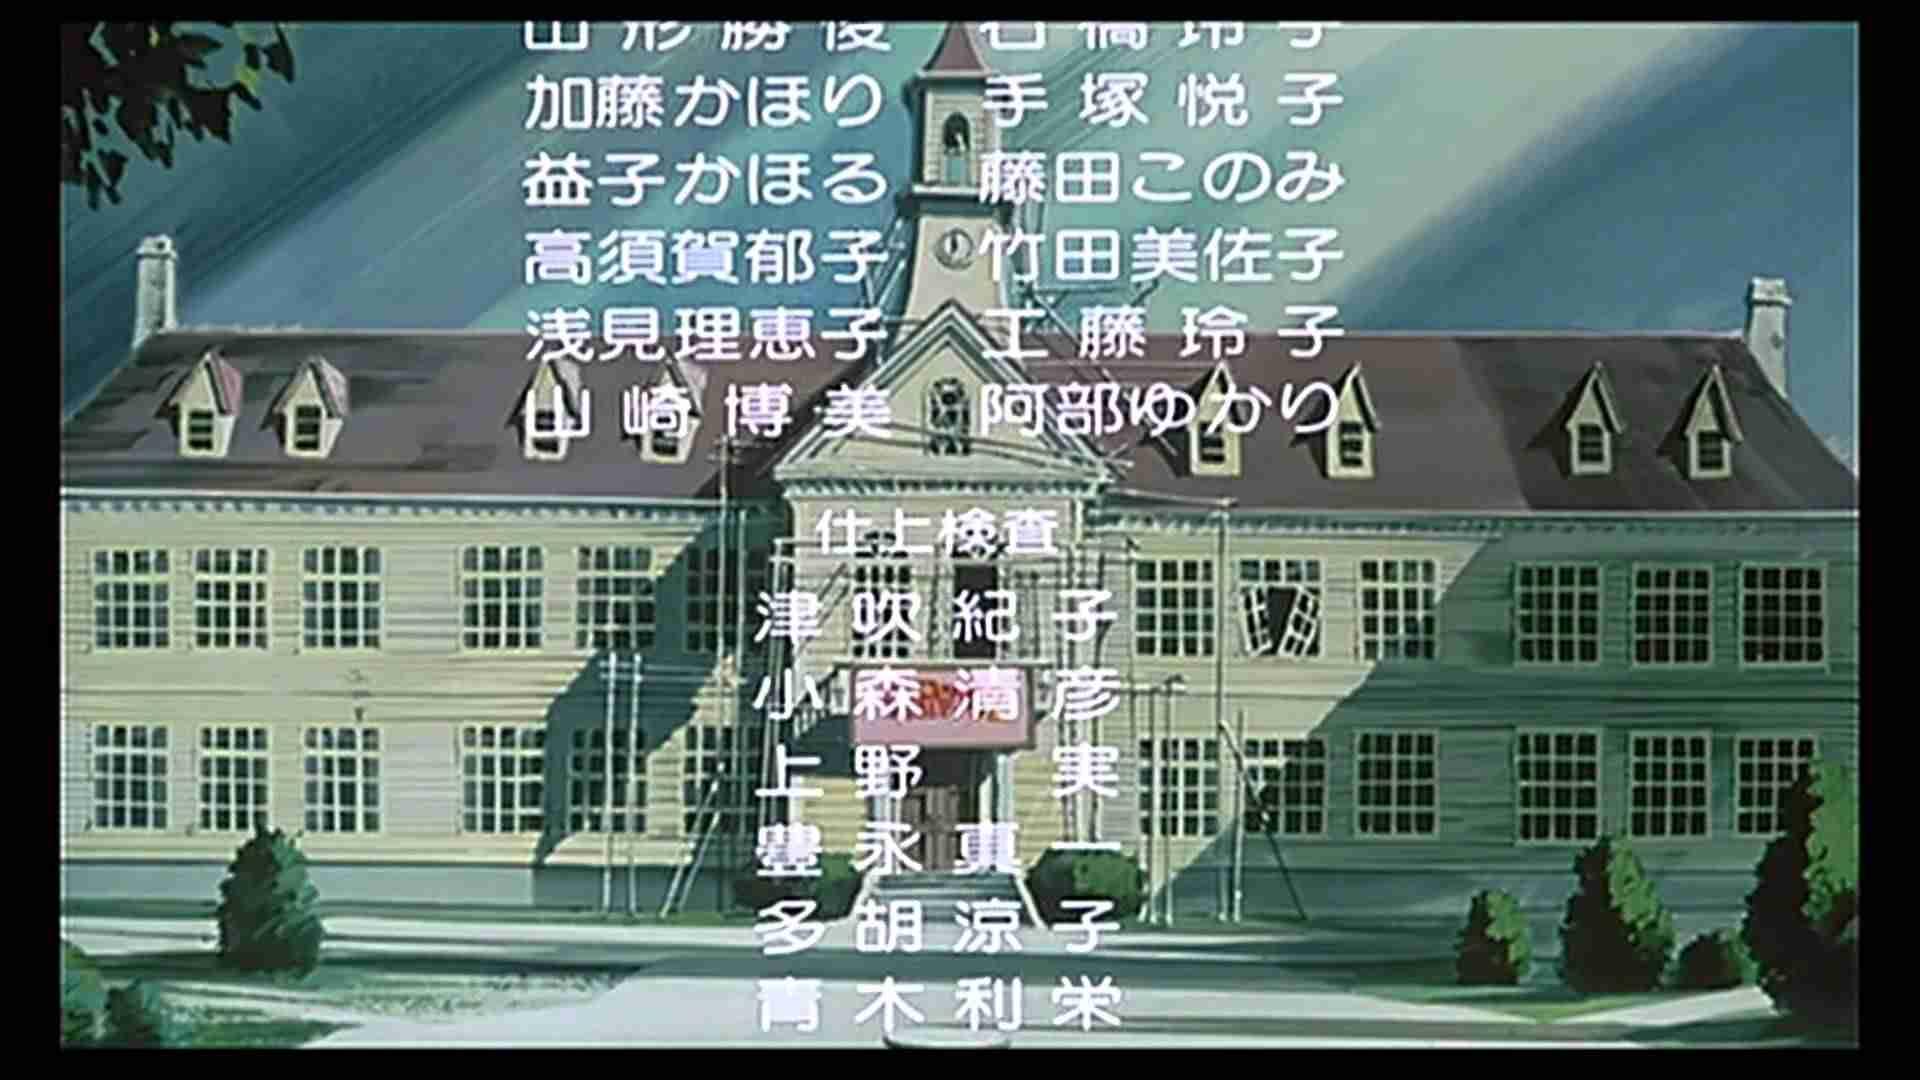 名曲だと思うアニメの主題歌ランキング!